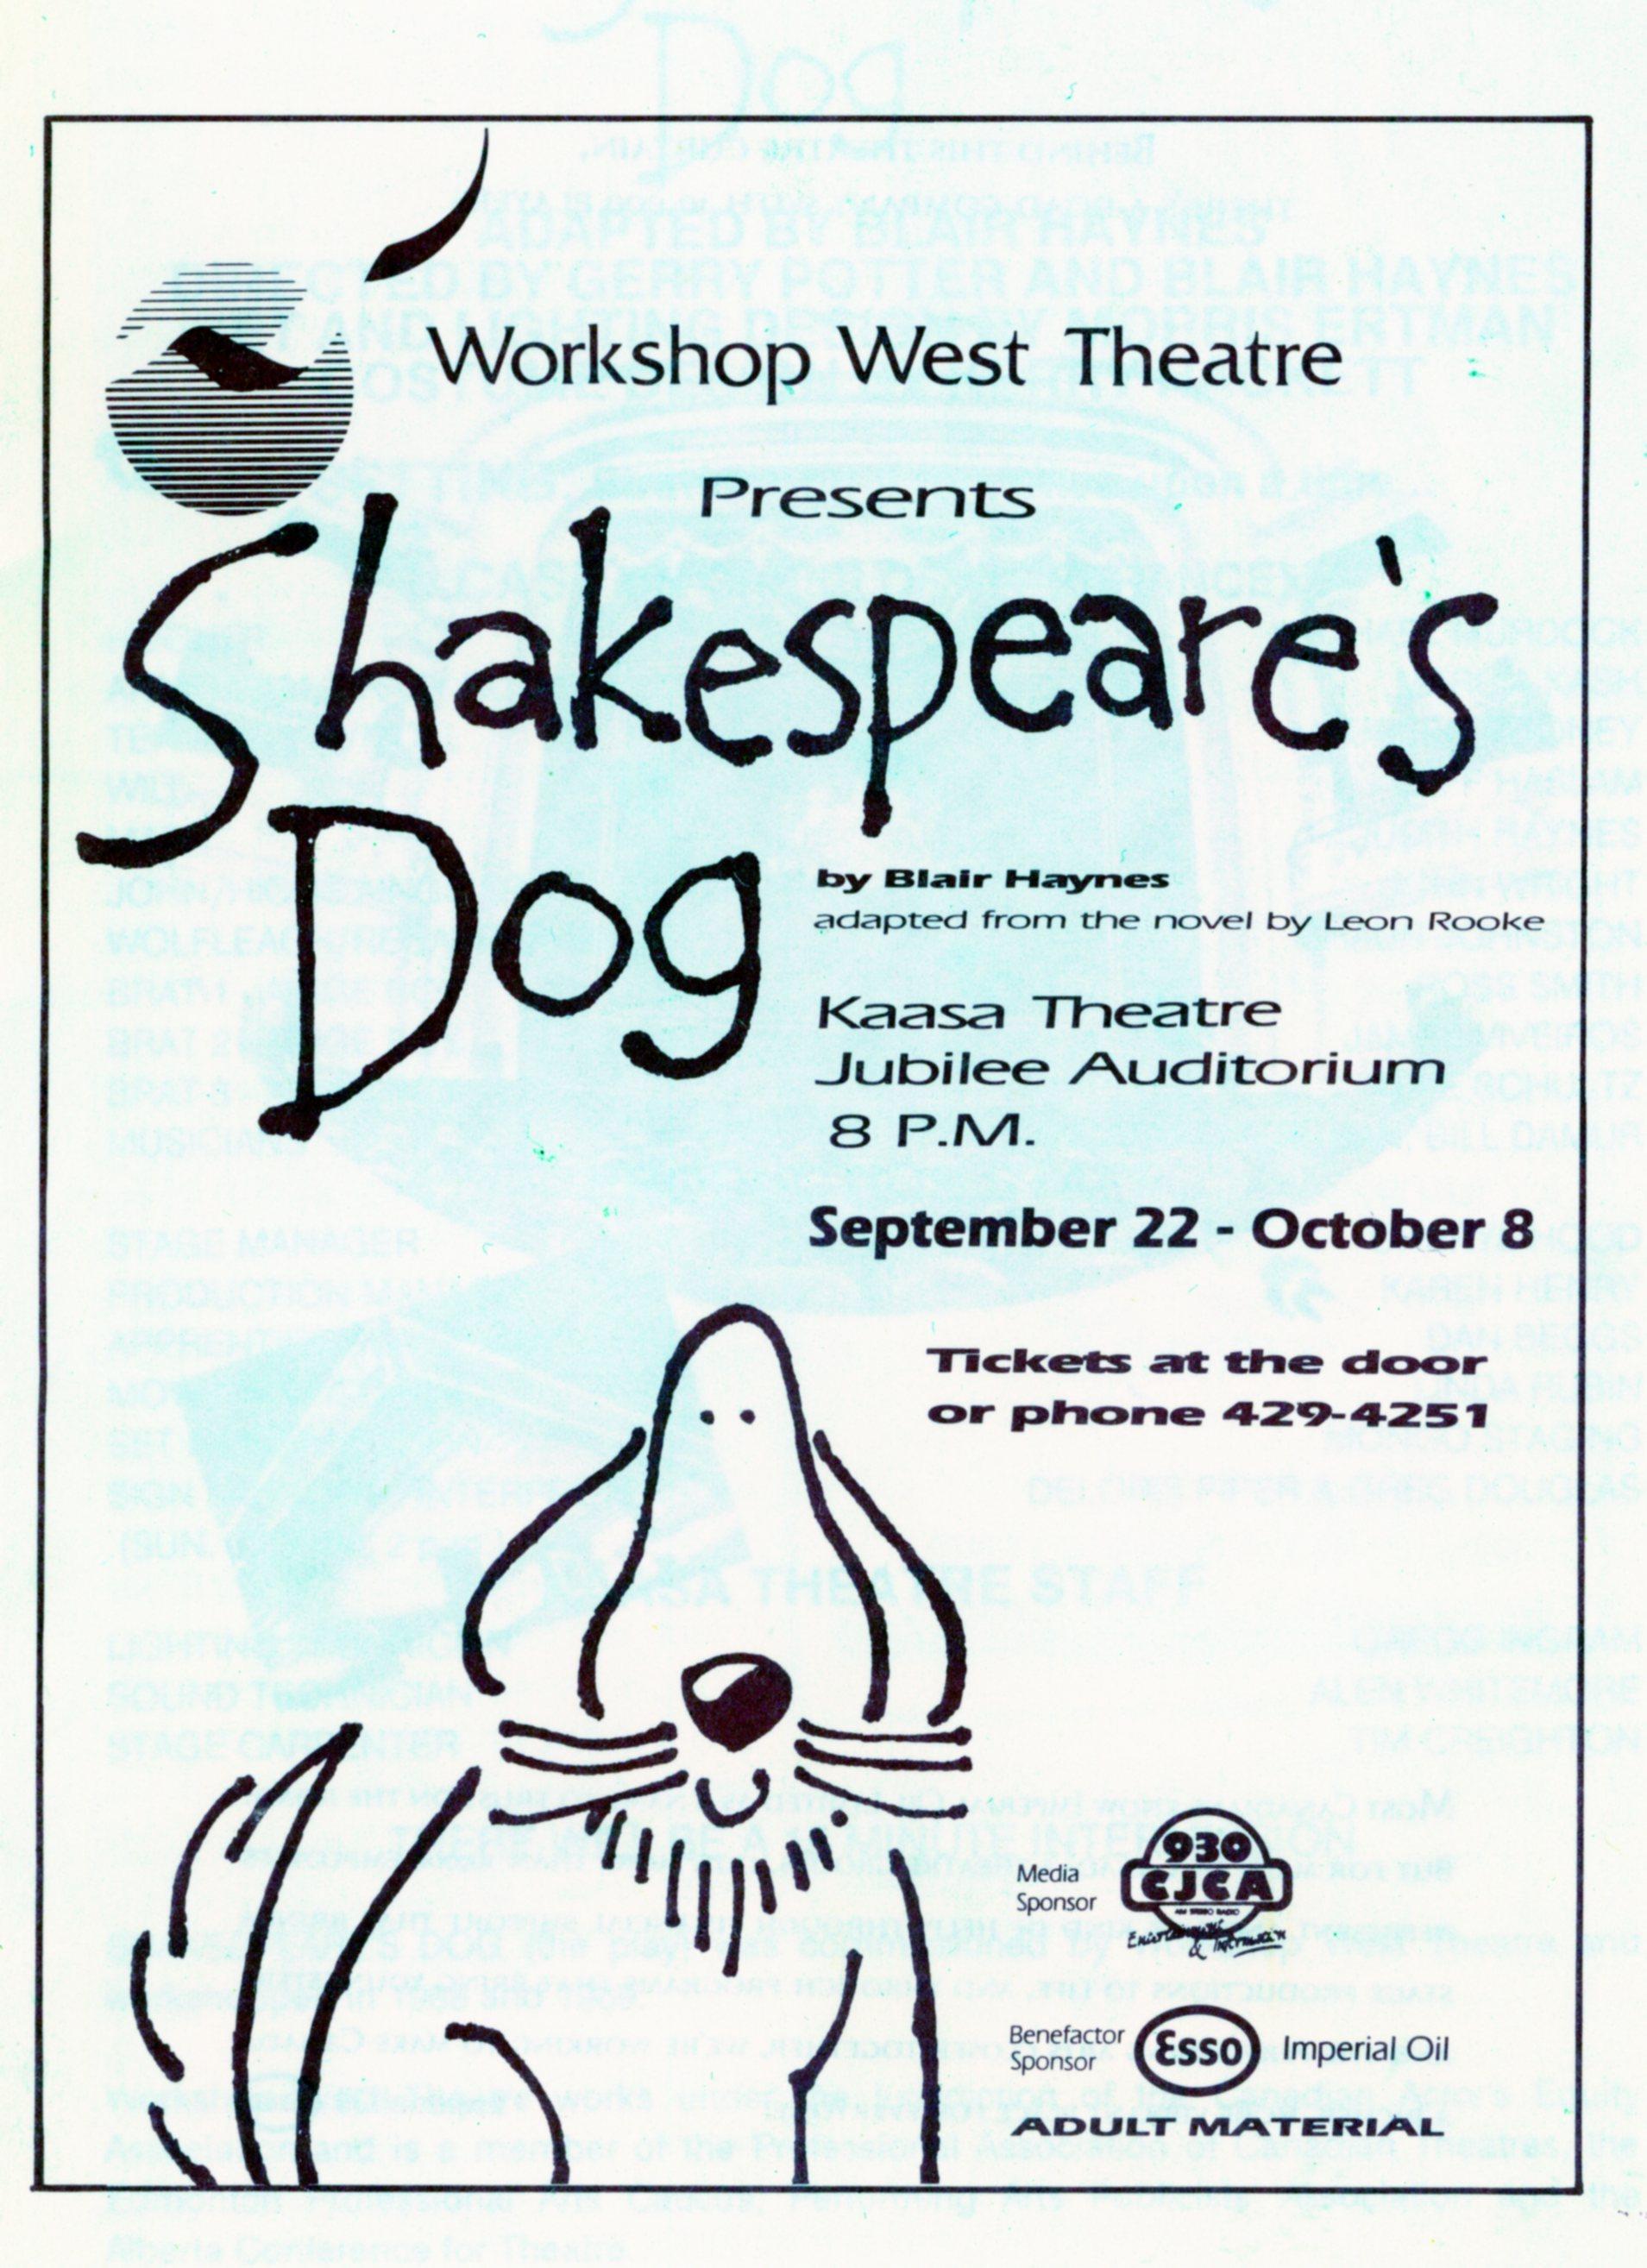 Shakespeare's Dog (September, 1989)-Program Cover JPEG.jpg